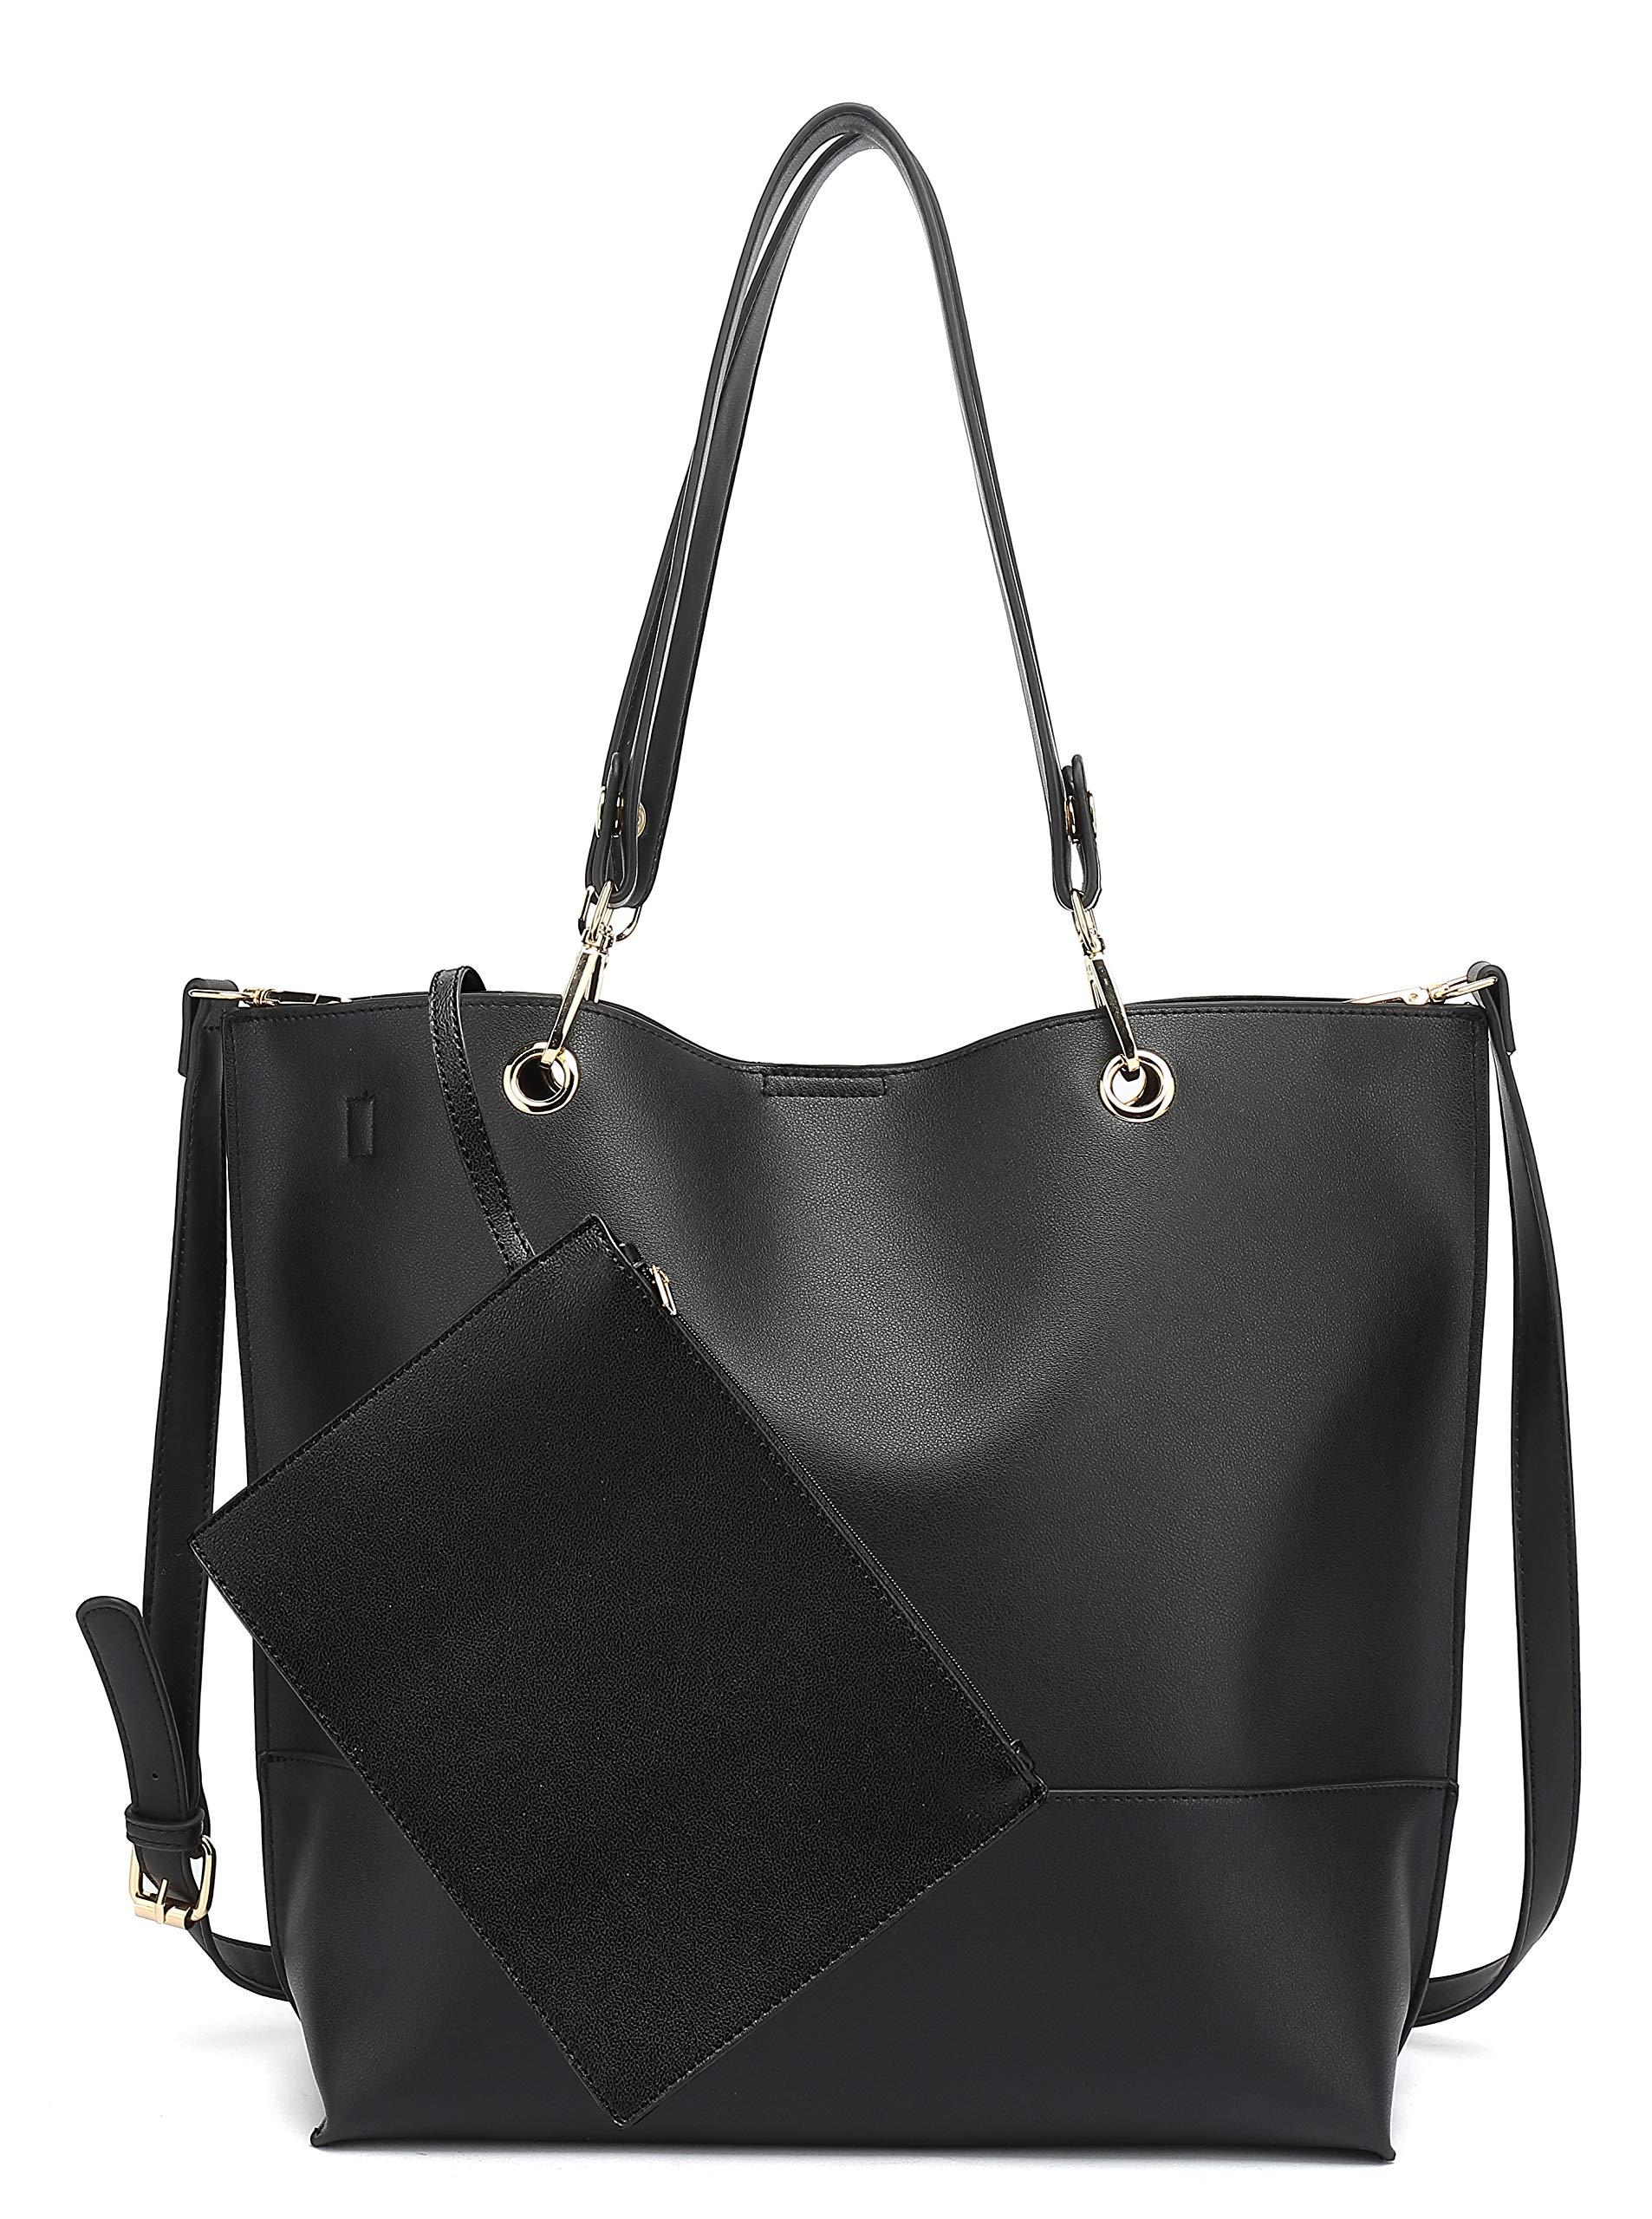 Scarleton Stylish Reversible Tote Handbag for Women Vegan Leather Shoulder Bag Hobo bag Satchel Purse H1842